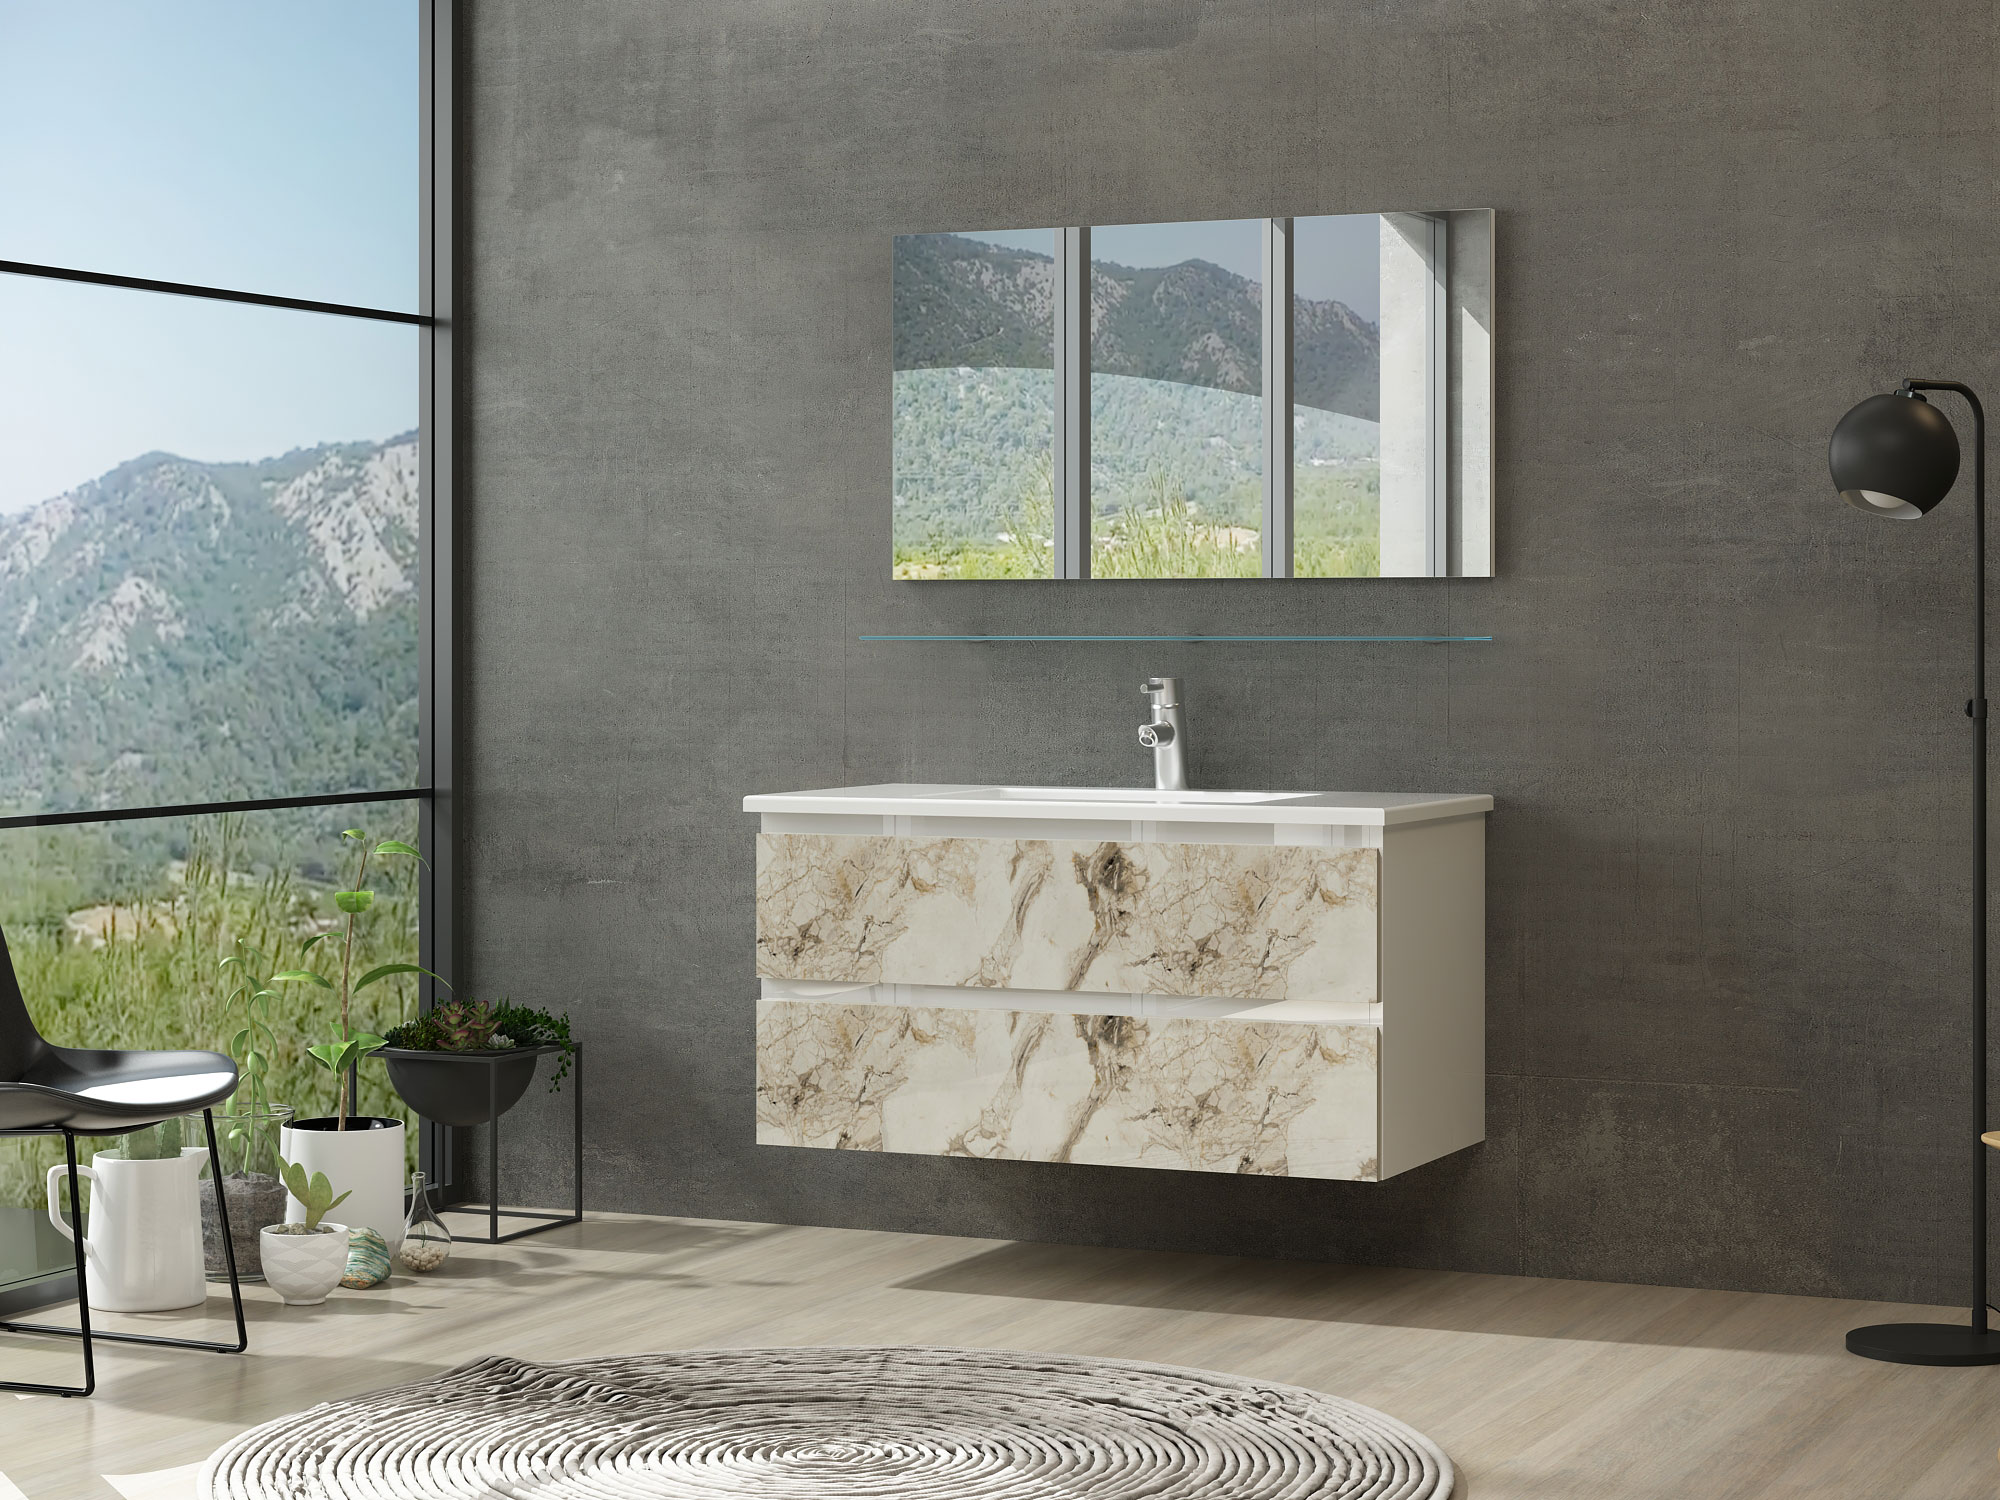 Diana Badmöbel Set 20 cm Kuru Weiss Marmor Optik Hochglanz Badezimmermöbel  Bad ohne Hochschränke